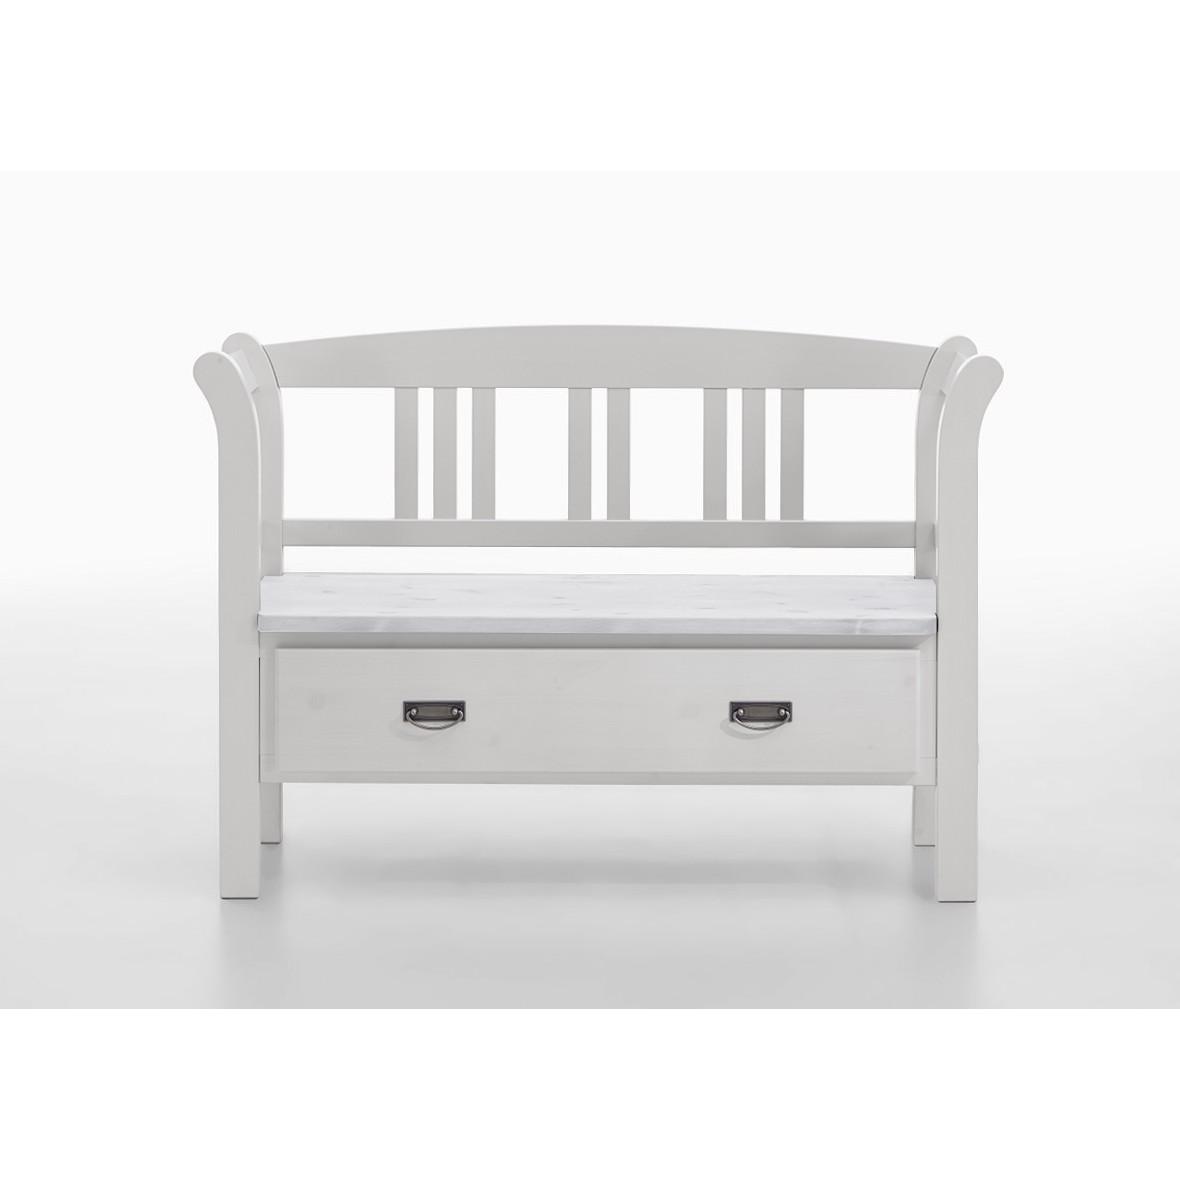 home24 Sitzbank Fjord V   Küche und Esszimmer > Sitzbänke > Einfache Sitzbänke   Weiss   Massivholz   Maison Belfort